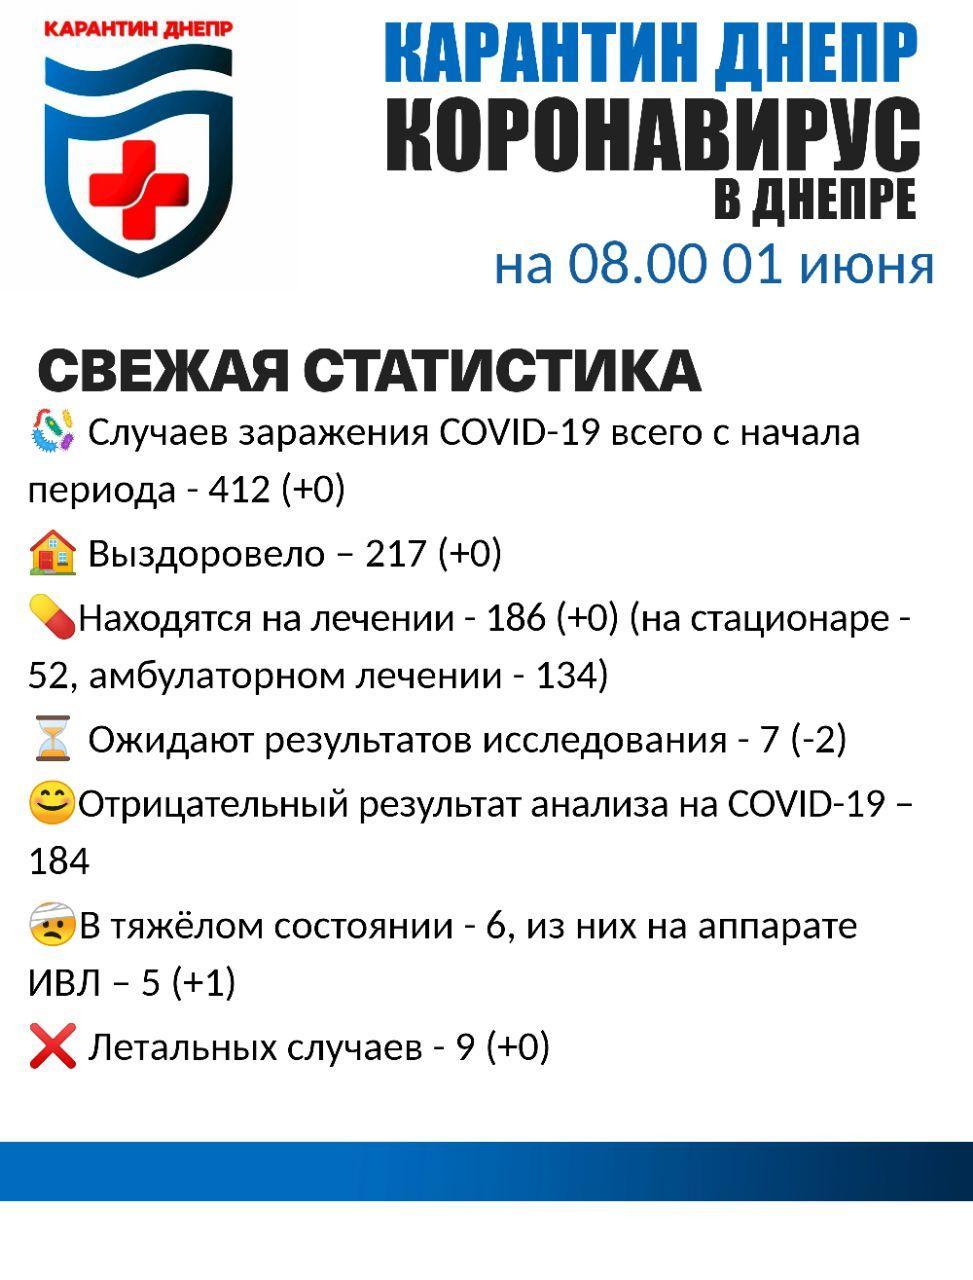 Ситуация с коронавирусом в Днепре в 1 день лета. Новости Днепра